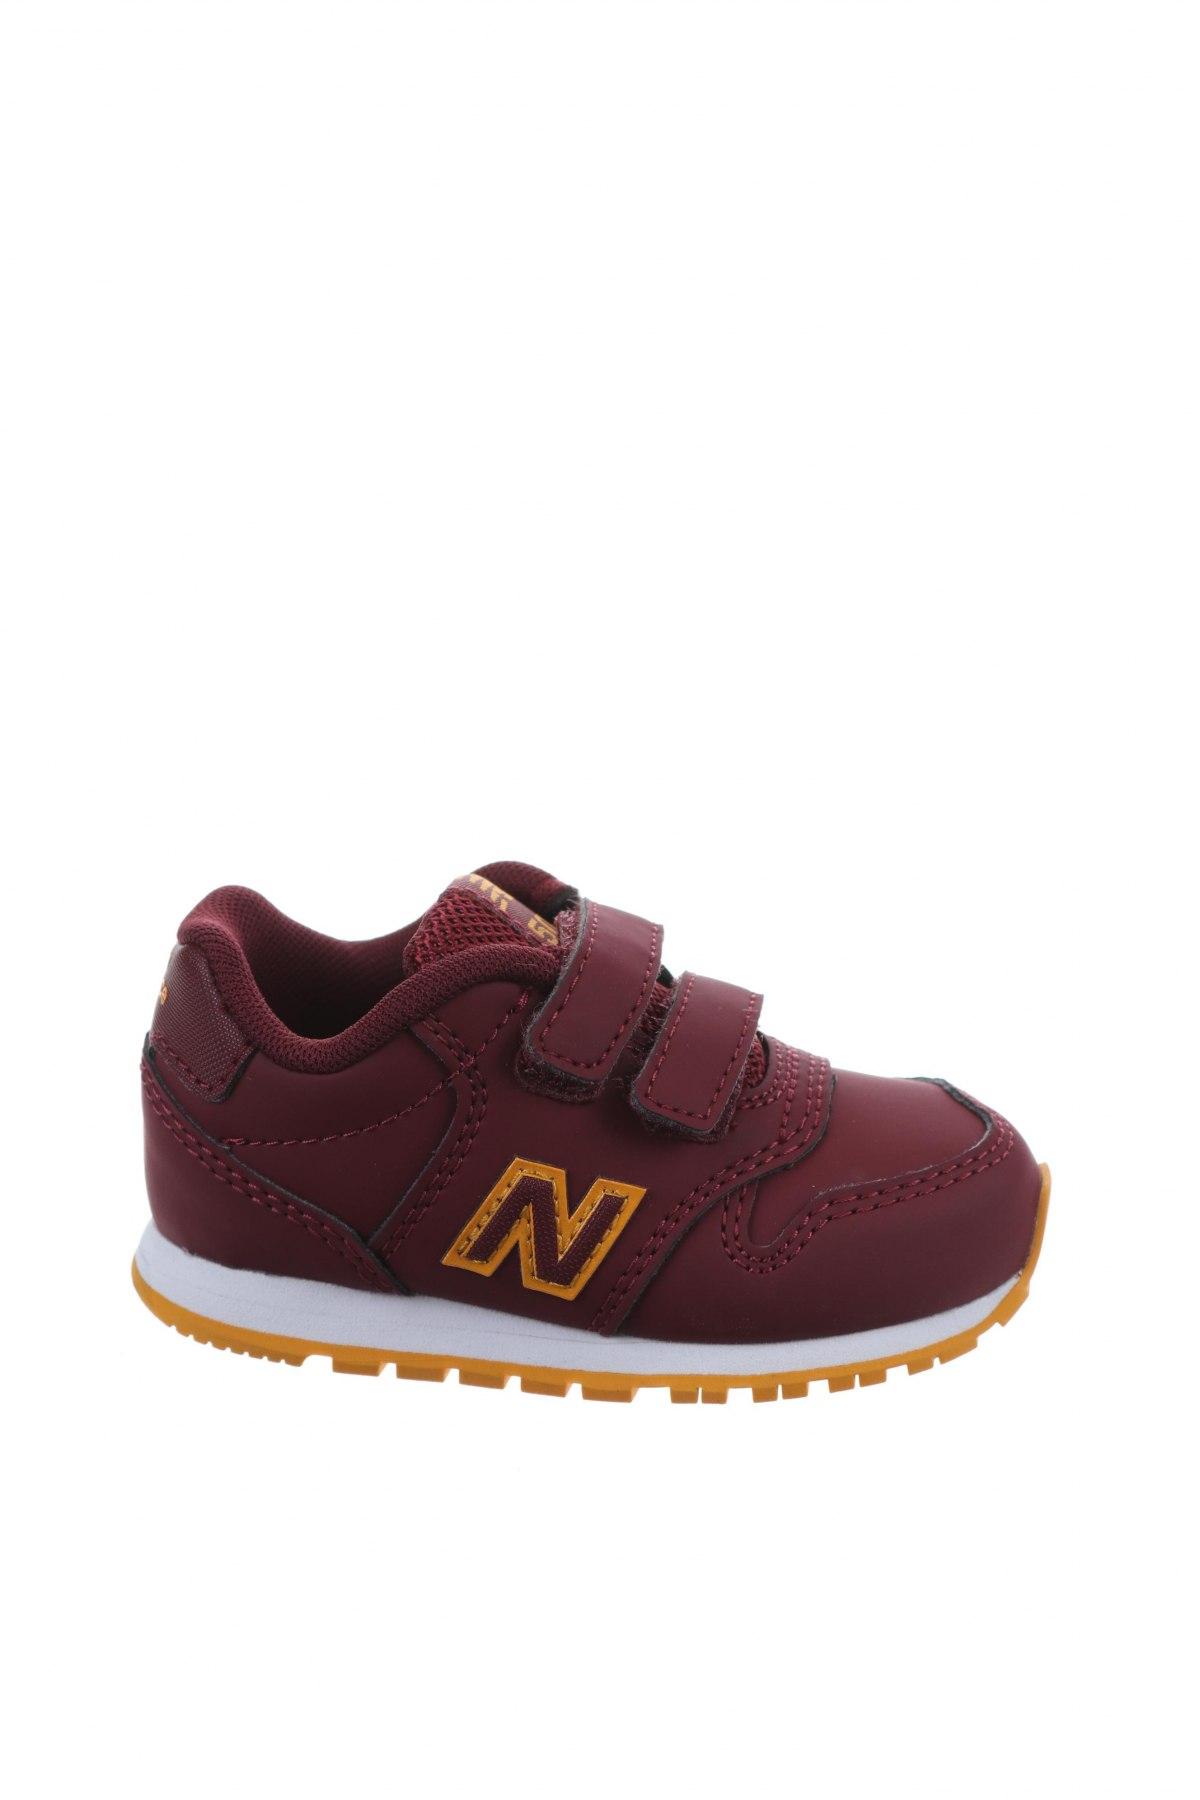 Παιδικά παπούτσια New Balance, Μέγεθος 22, Χρώμα Κόκκινο, Δερματίνη, Τιμή 38,27€